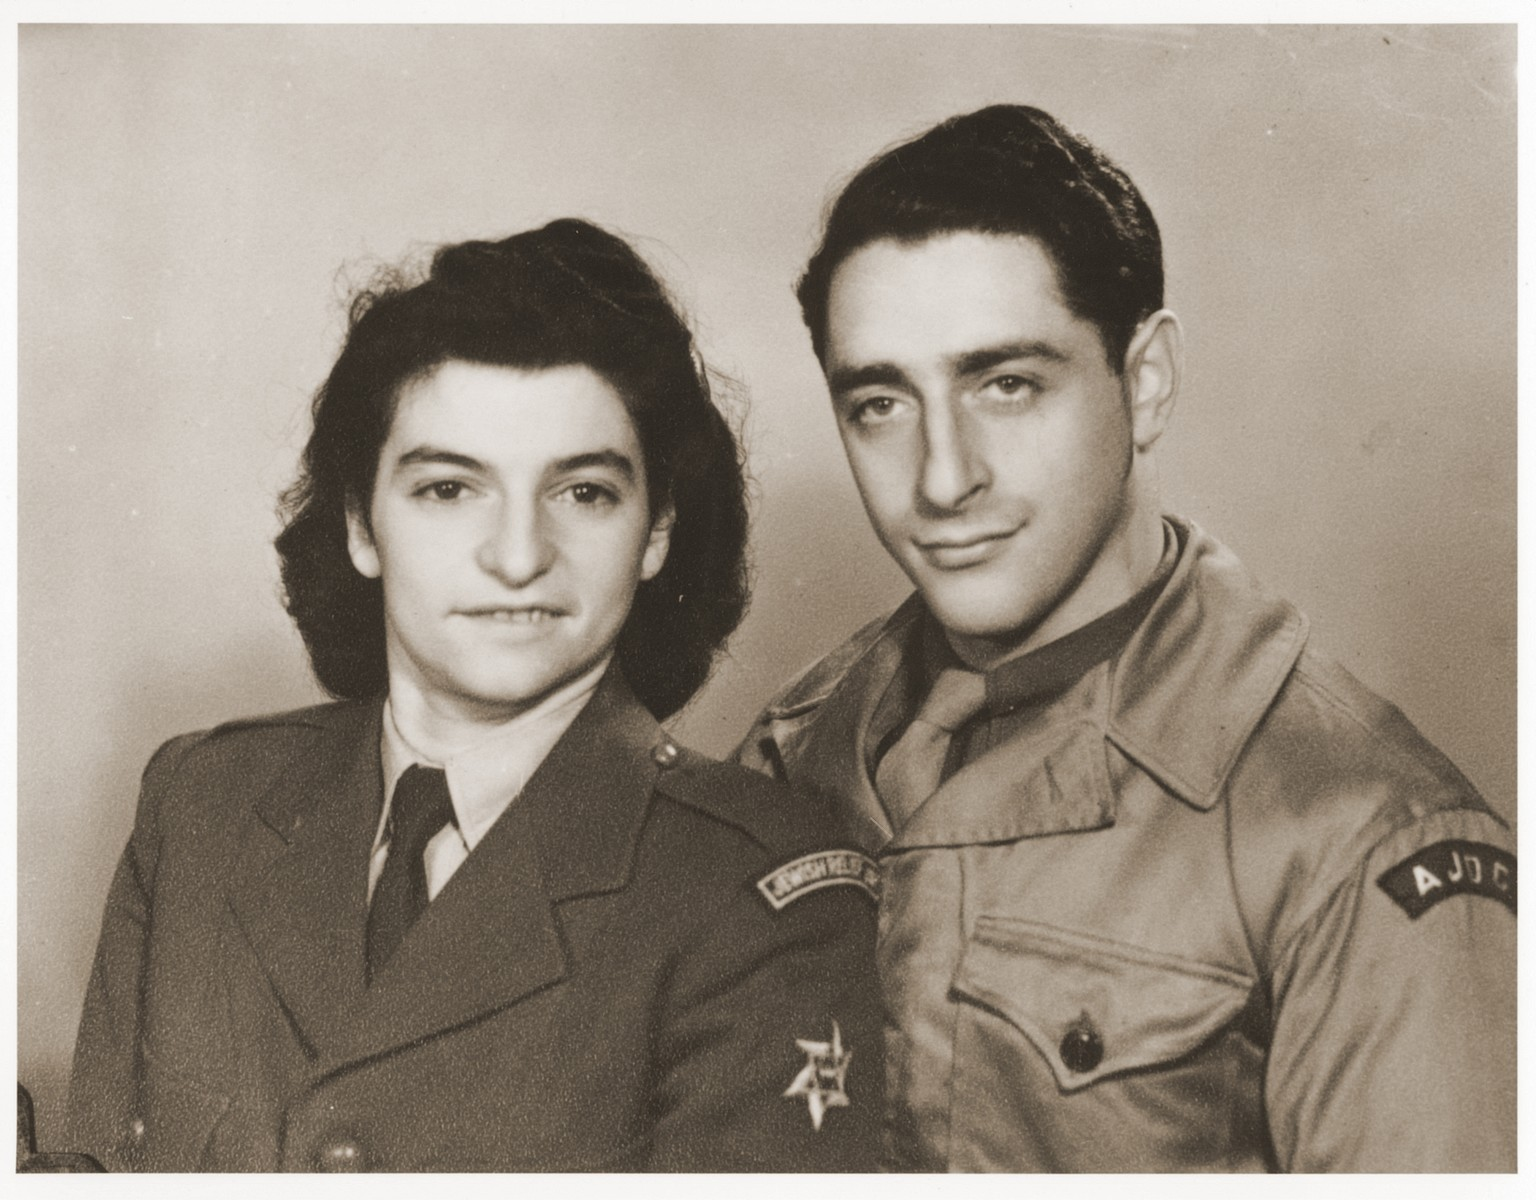 JDC workers Hans Finke and Alice Redlich in the Bergen-Belsen DP camp.